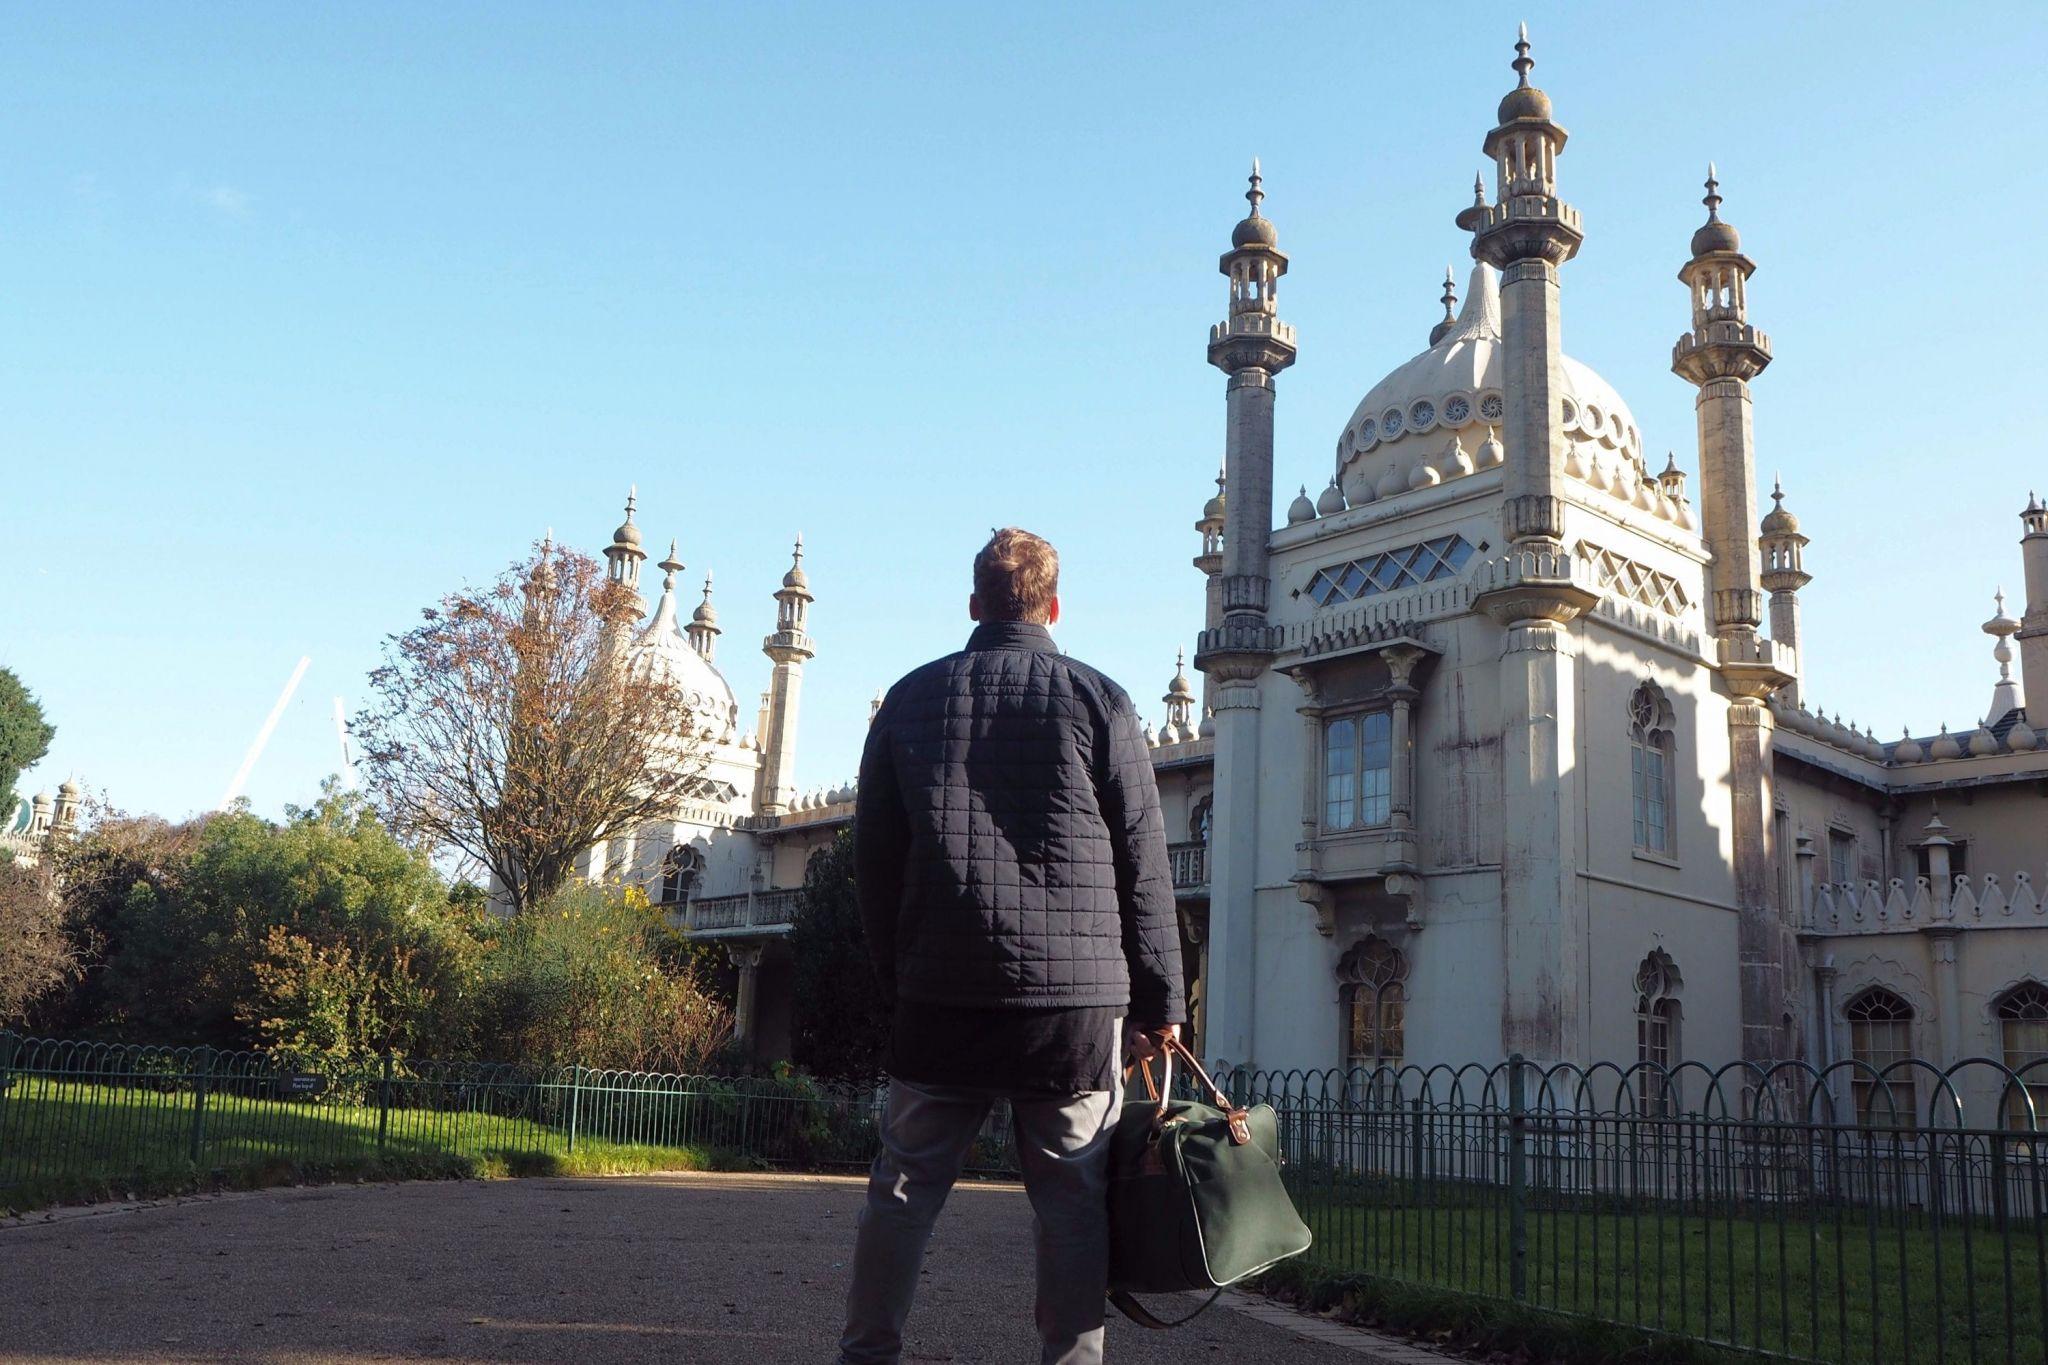 Brighton Palace